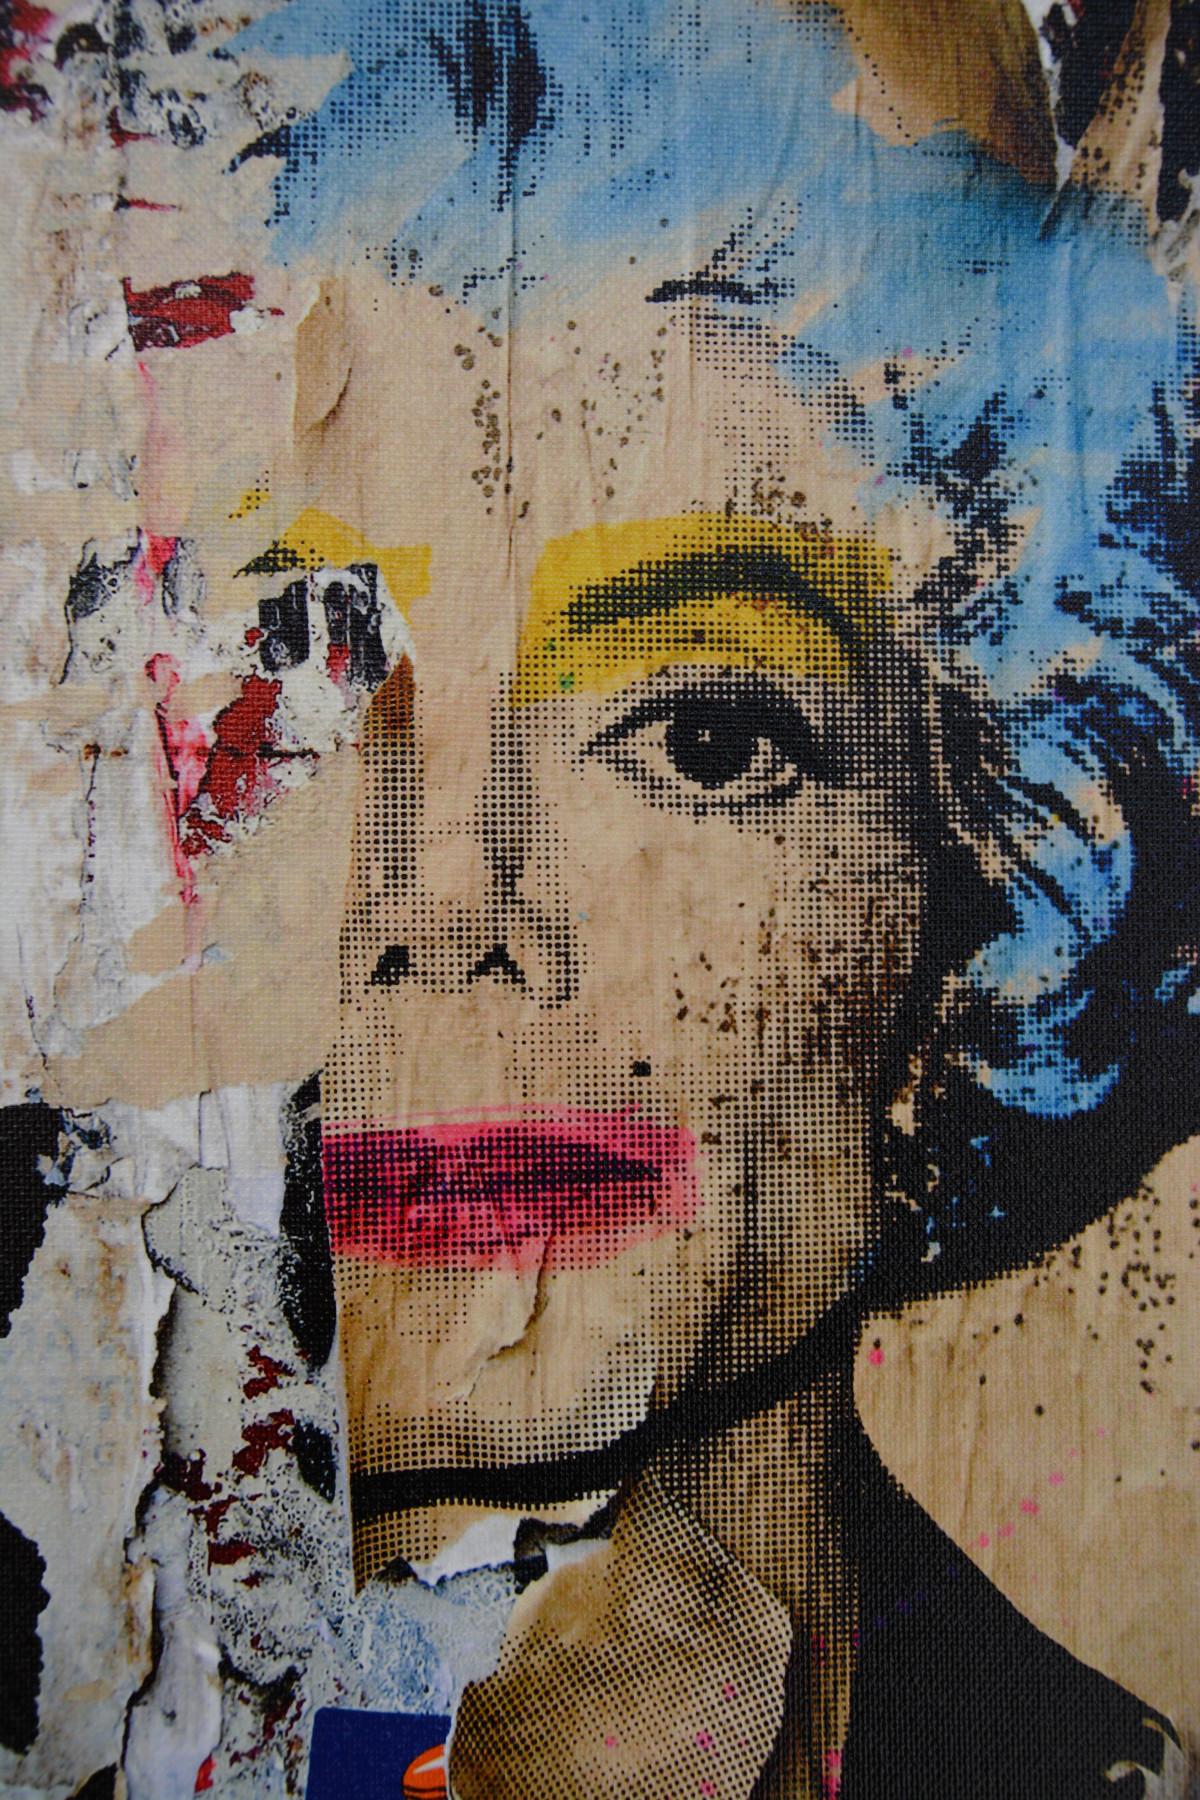 Images Gratuites : Couleur, La peinture, collage, art moderne, peinture acrylique 3762x2804 ...